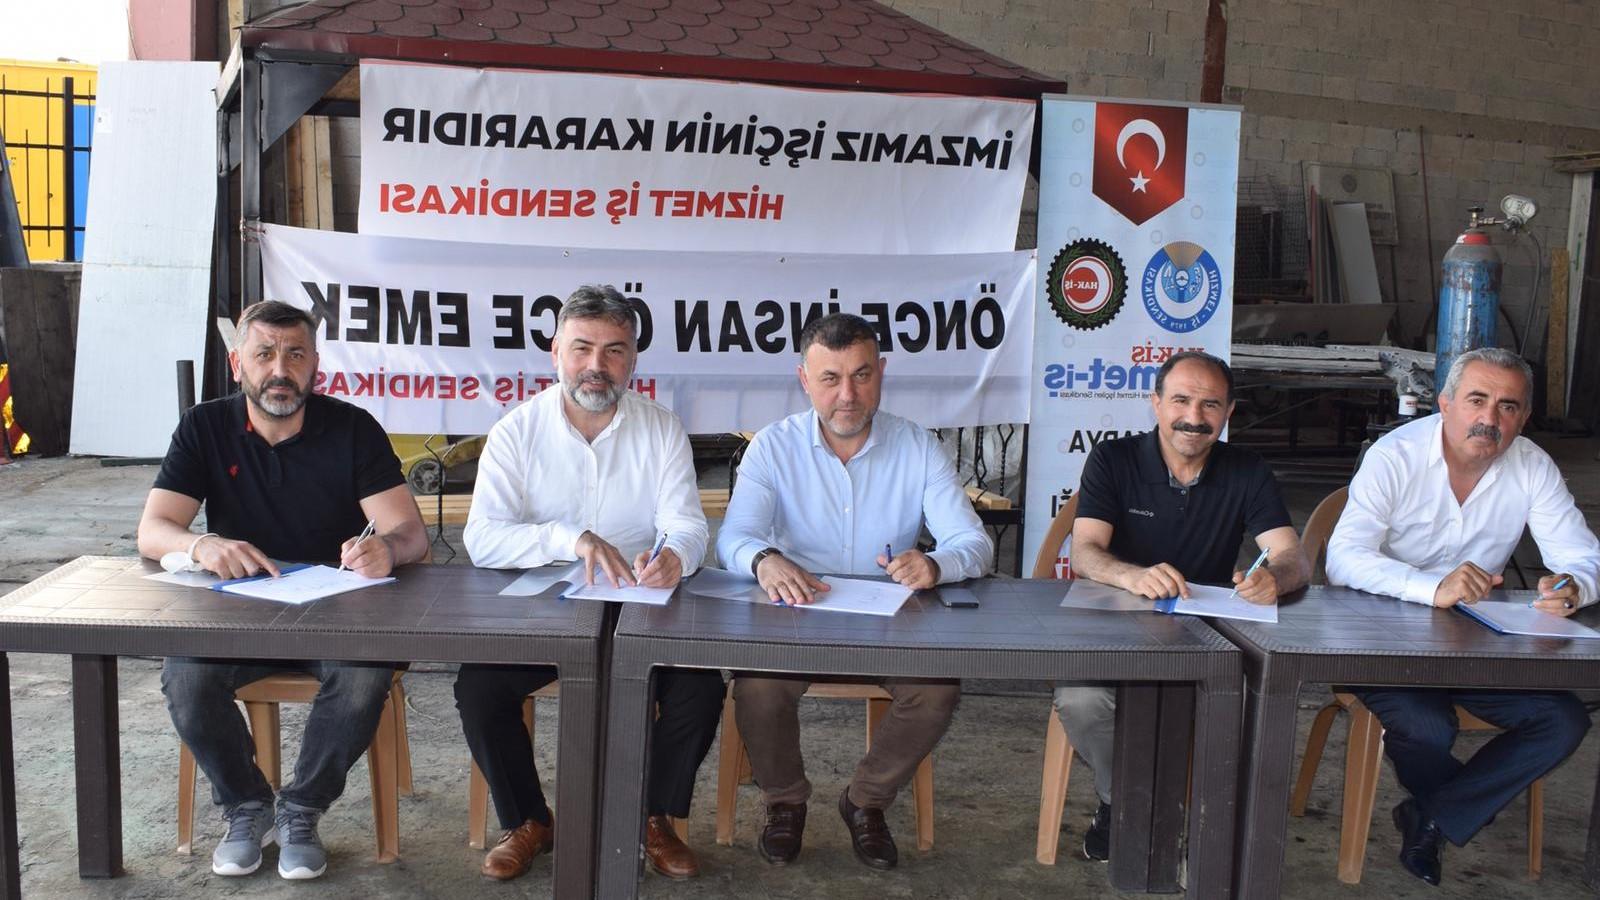 Düzce Çilimtaş'da Toplu İş Sözleşmesi sevinci